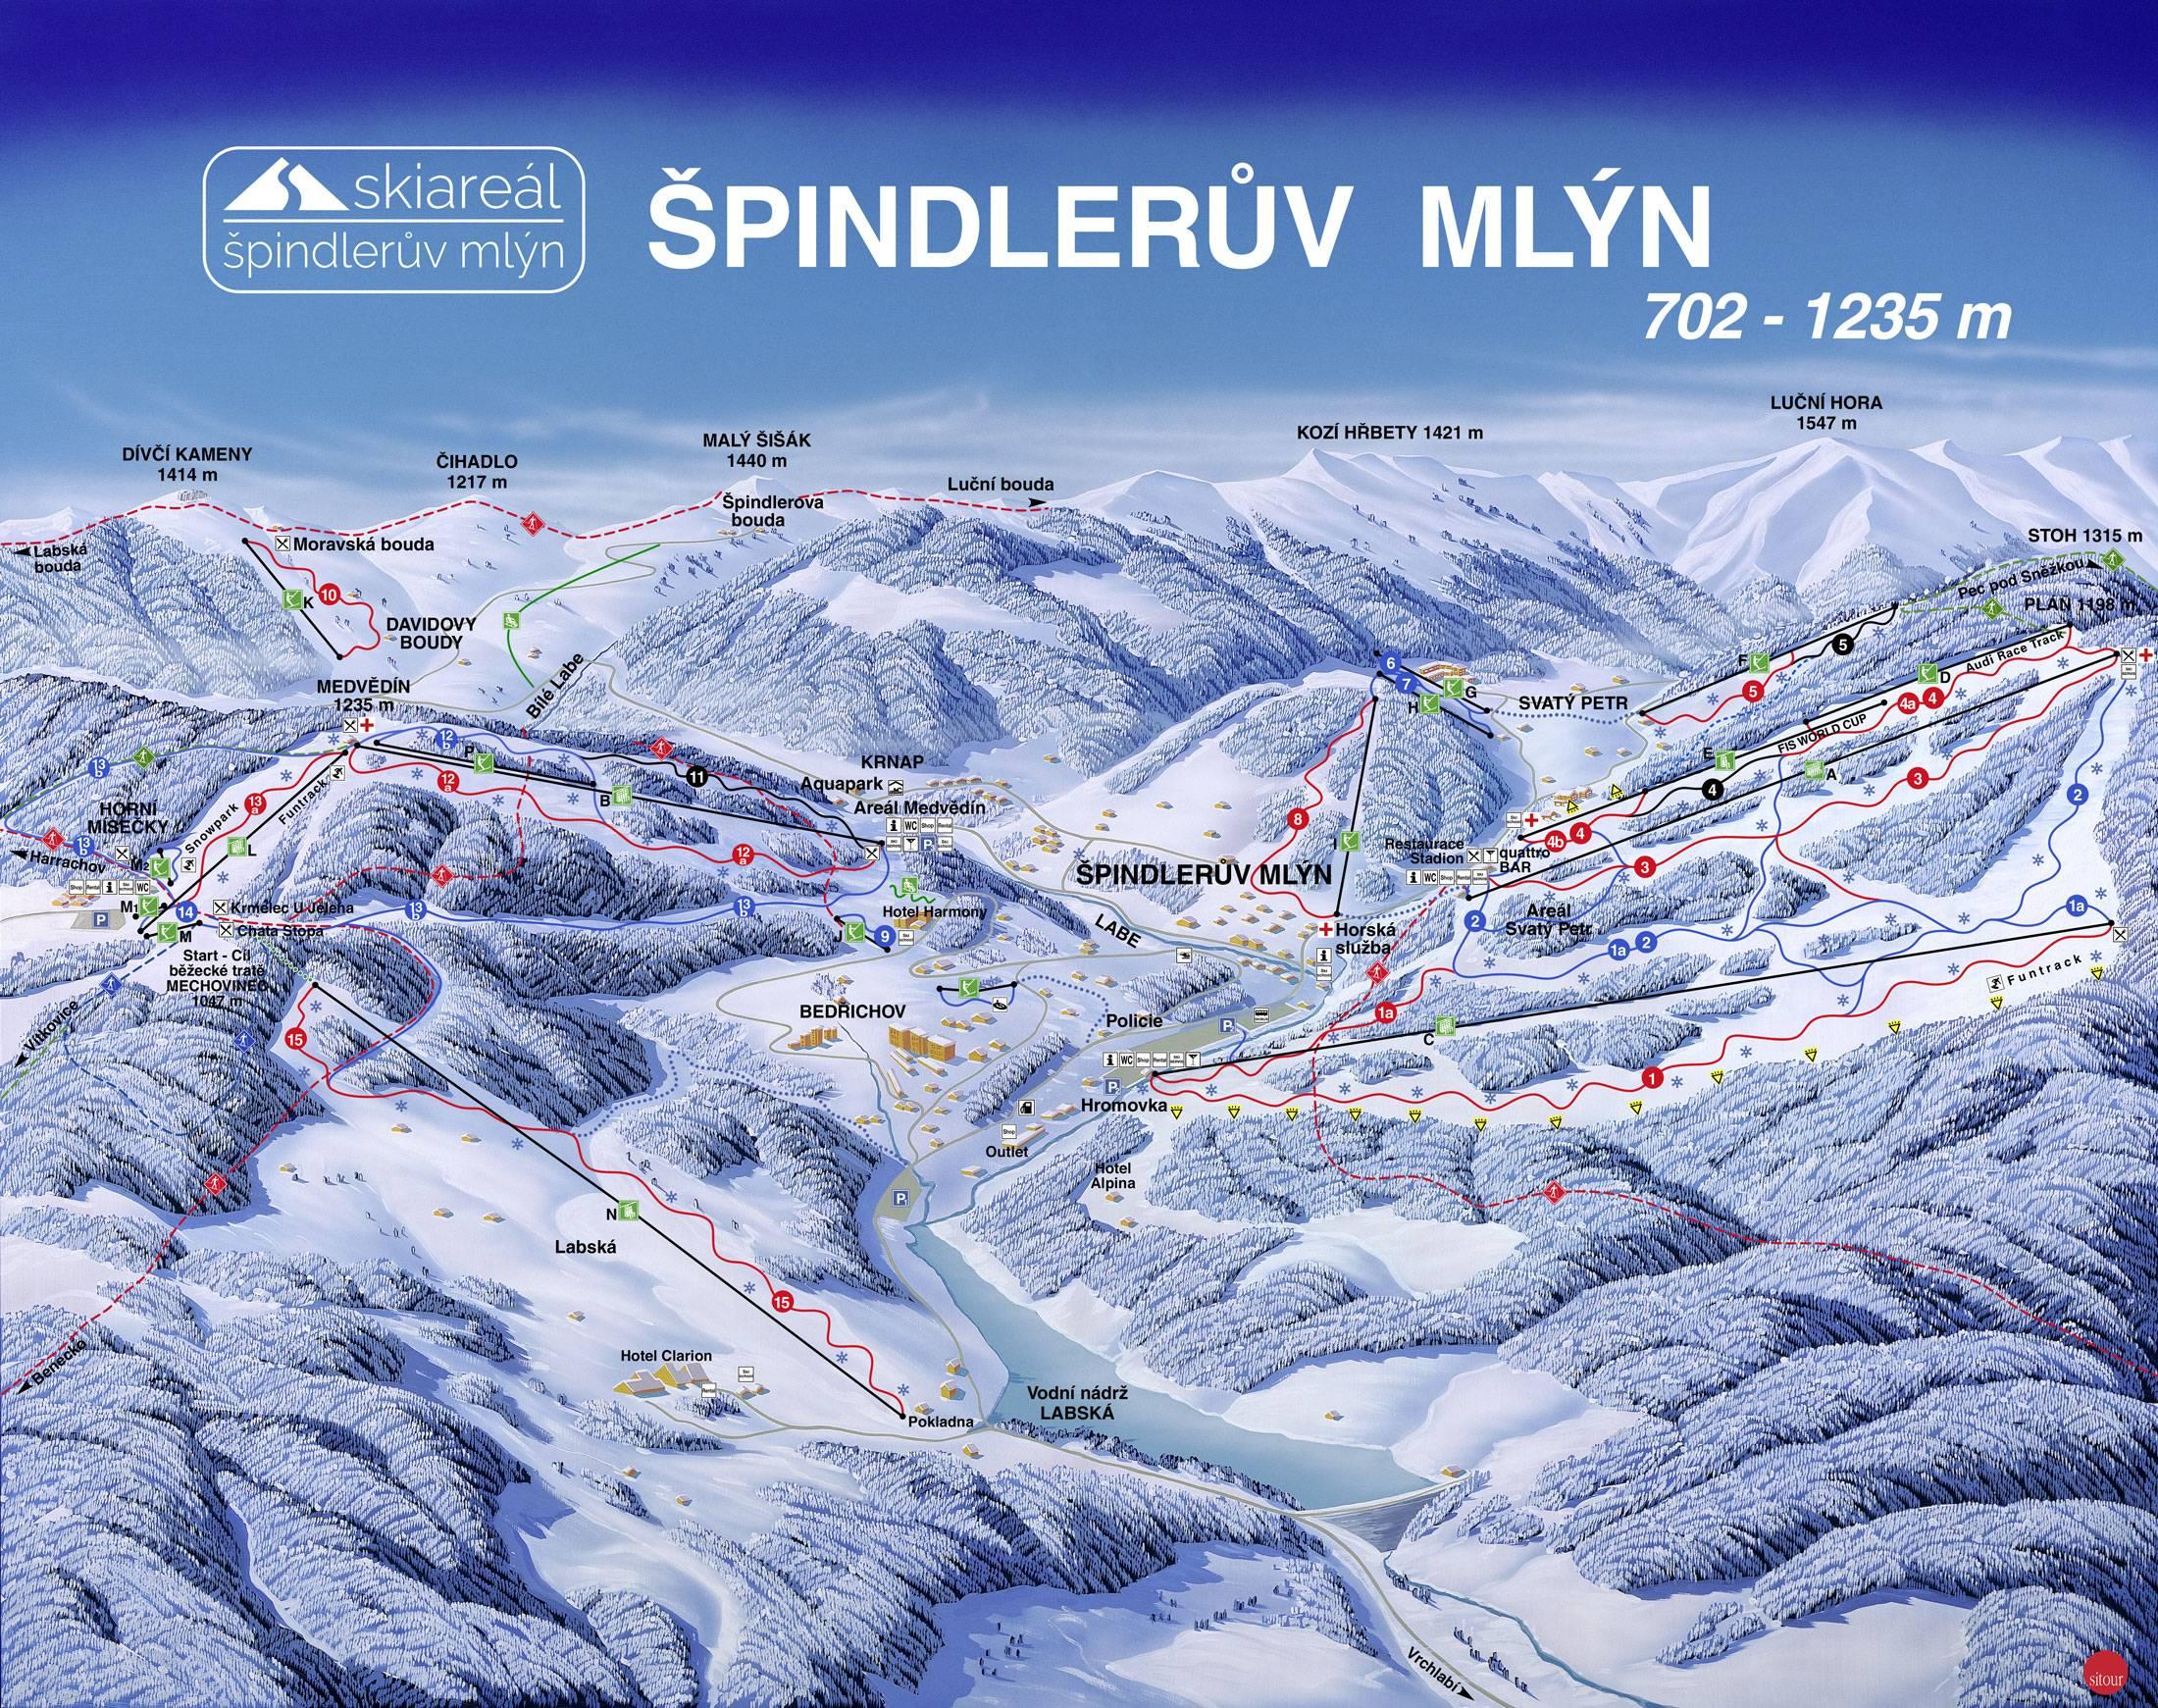 Spindlermühle (Špindlerův Mlýn)